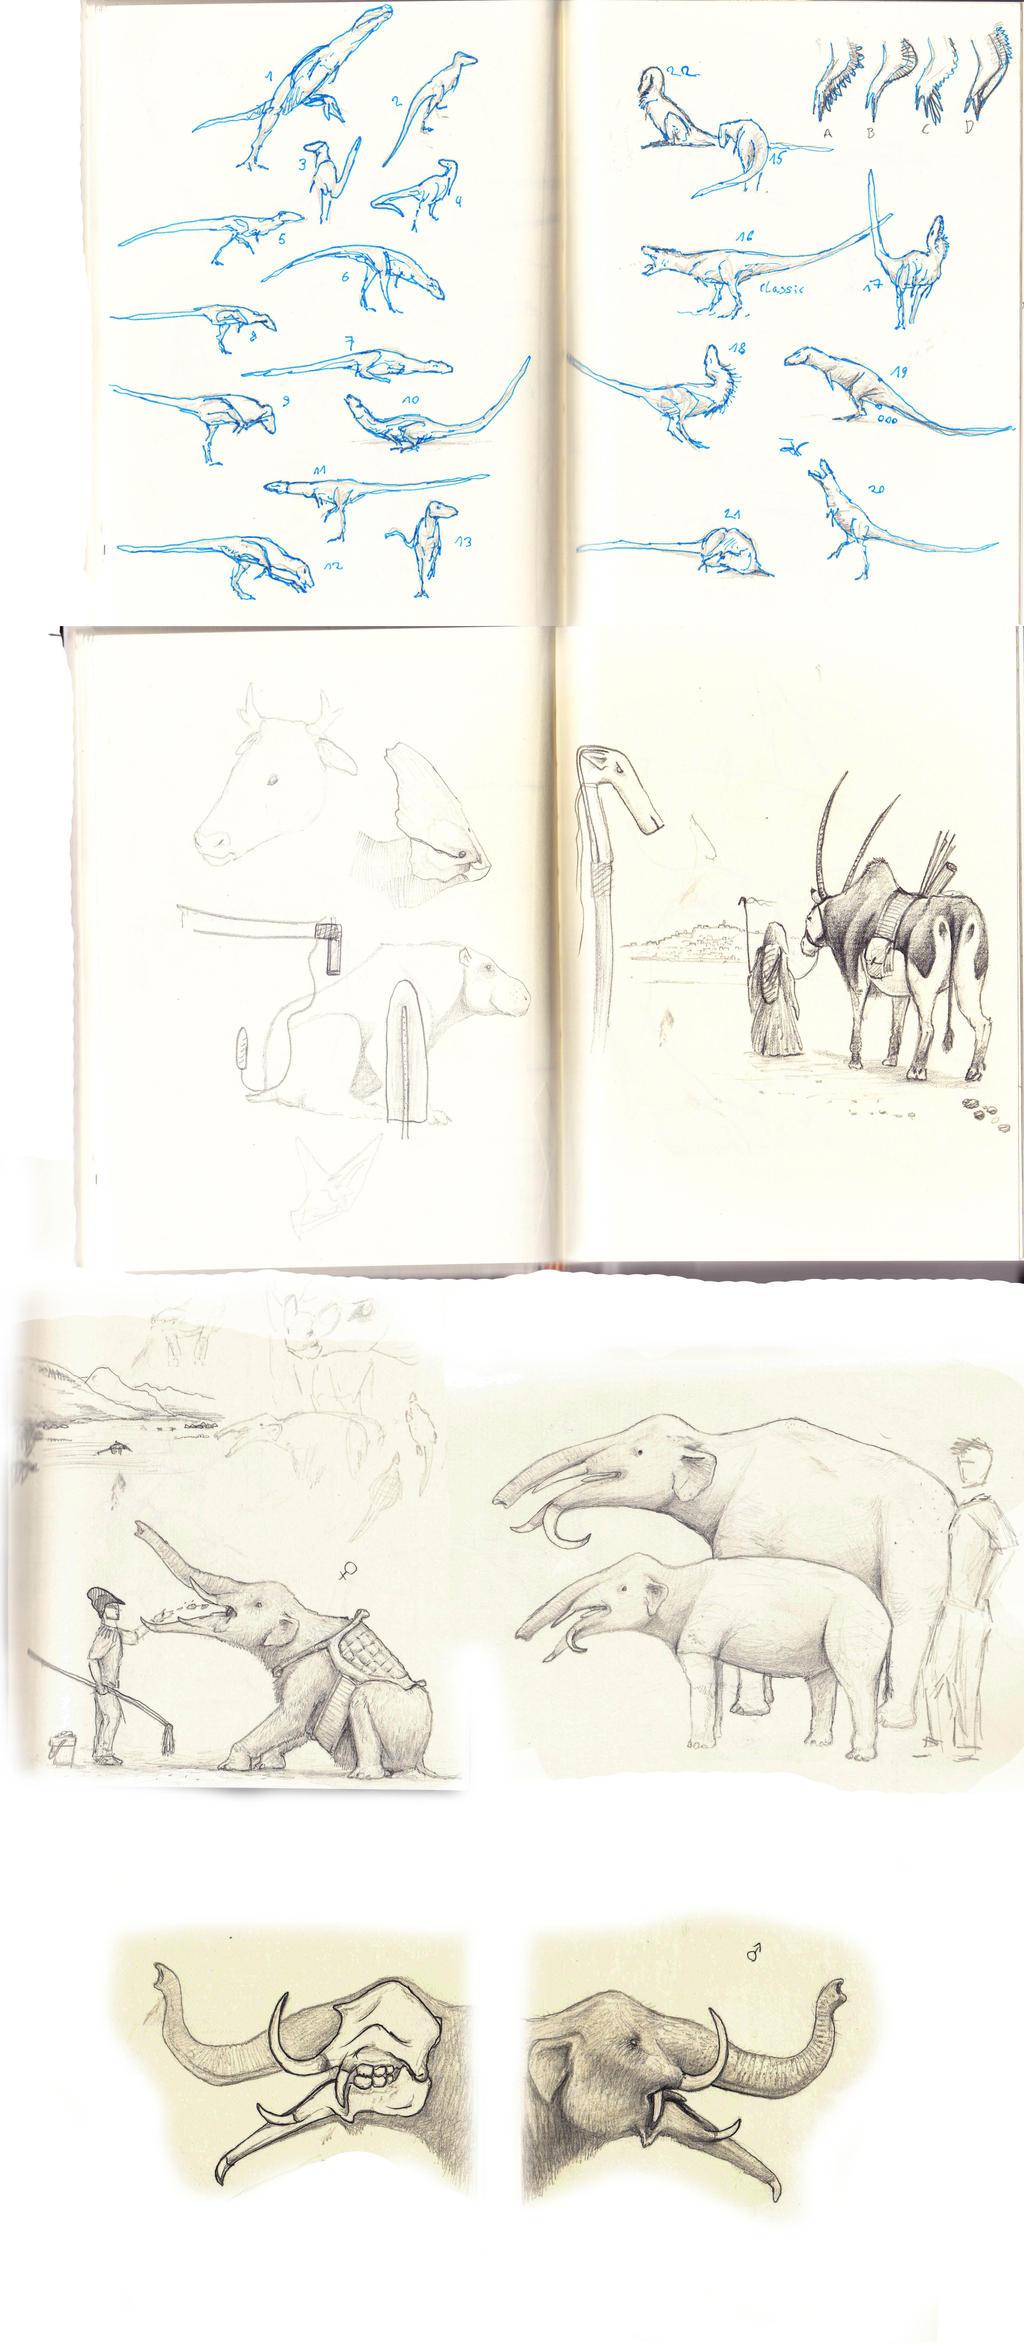 Stockholm Sketches by Hyrotrioskjan